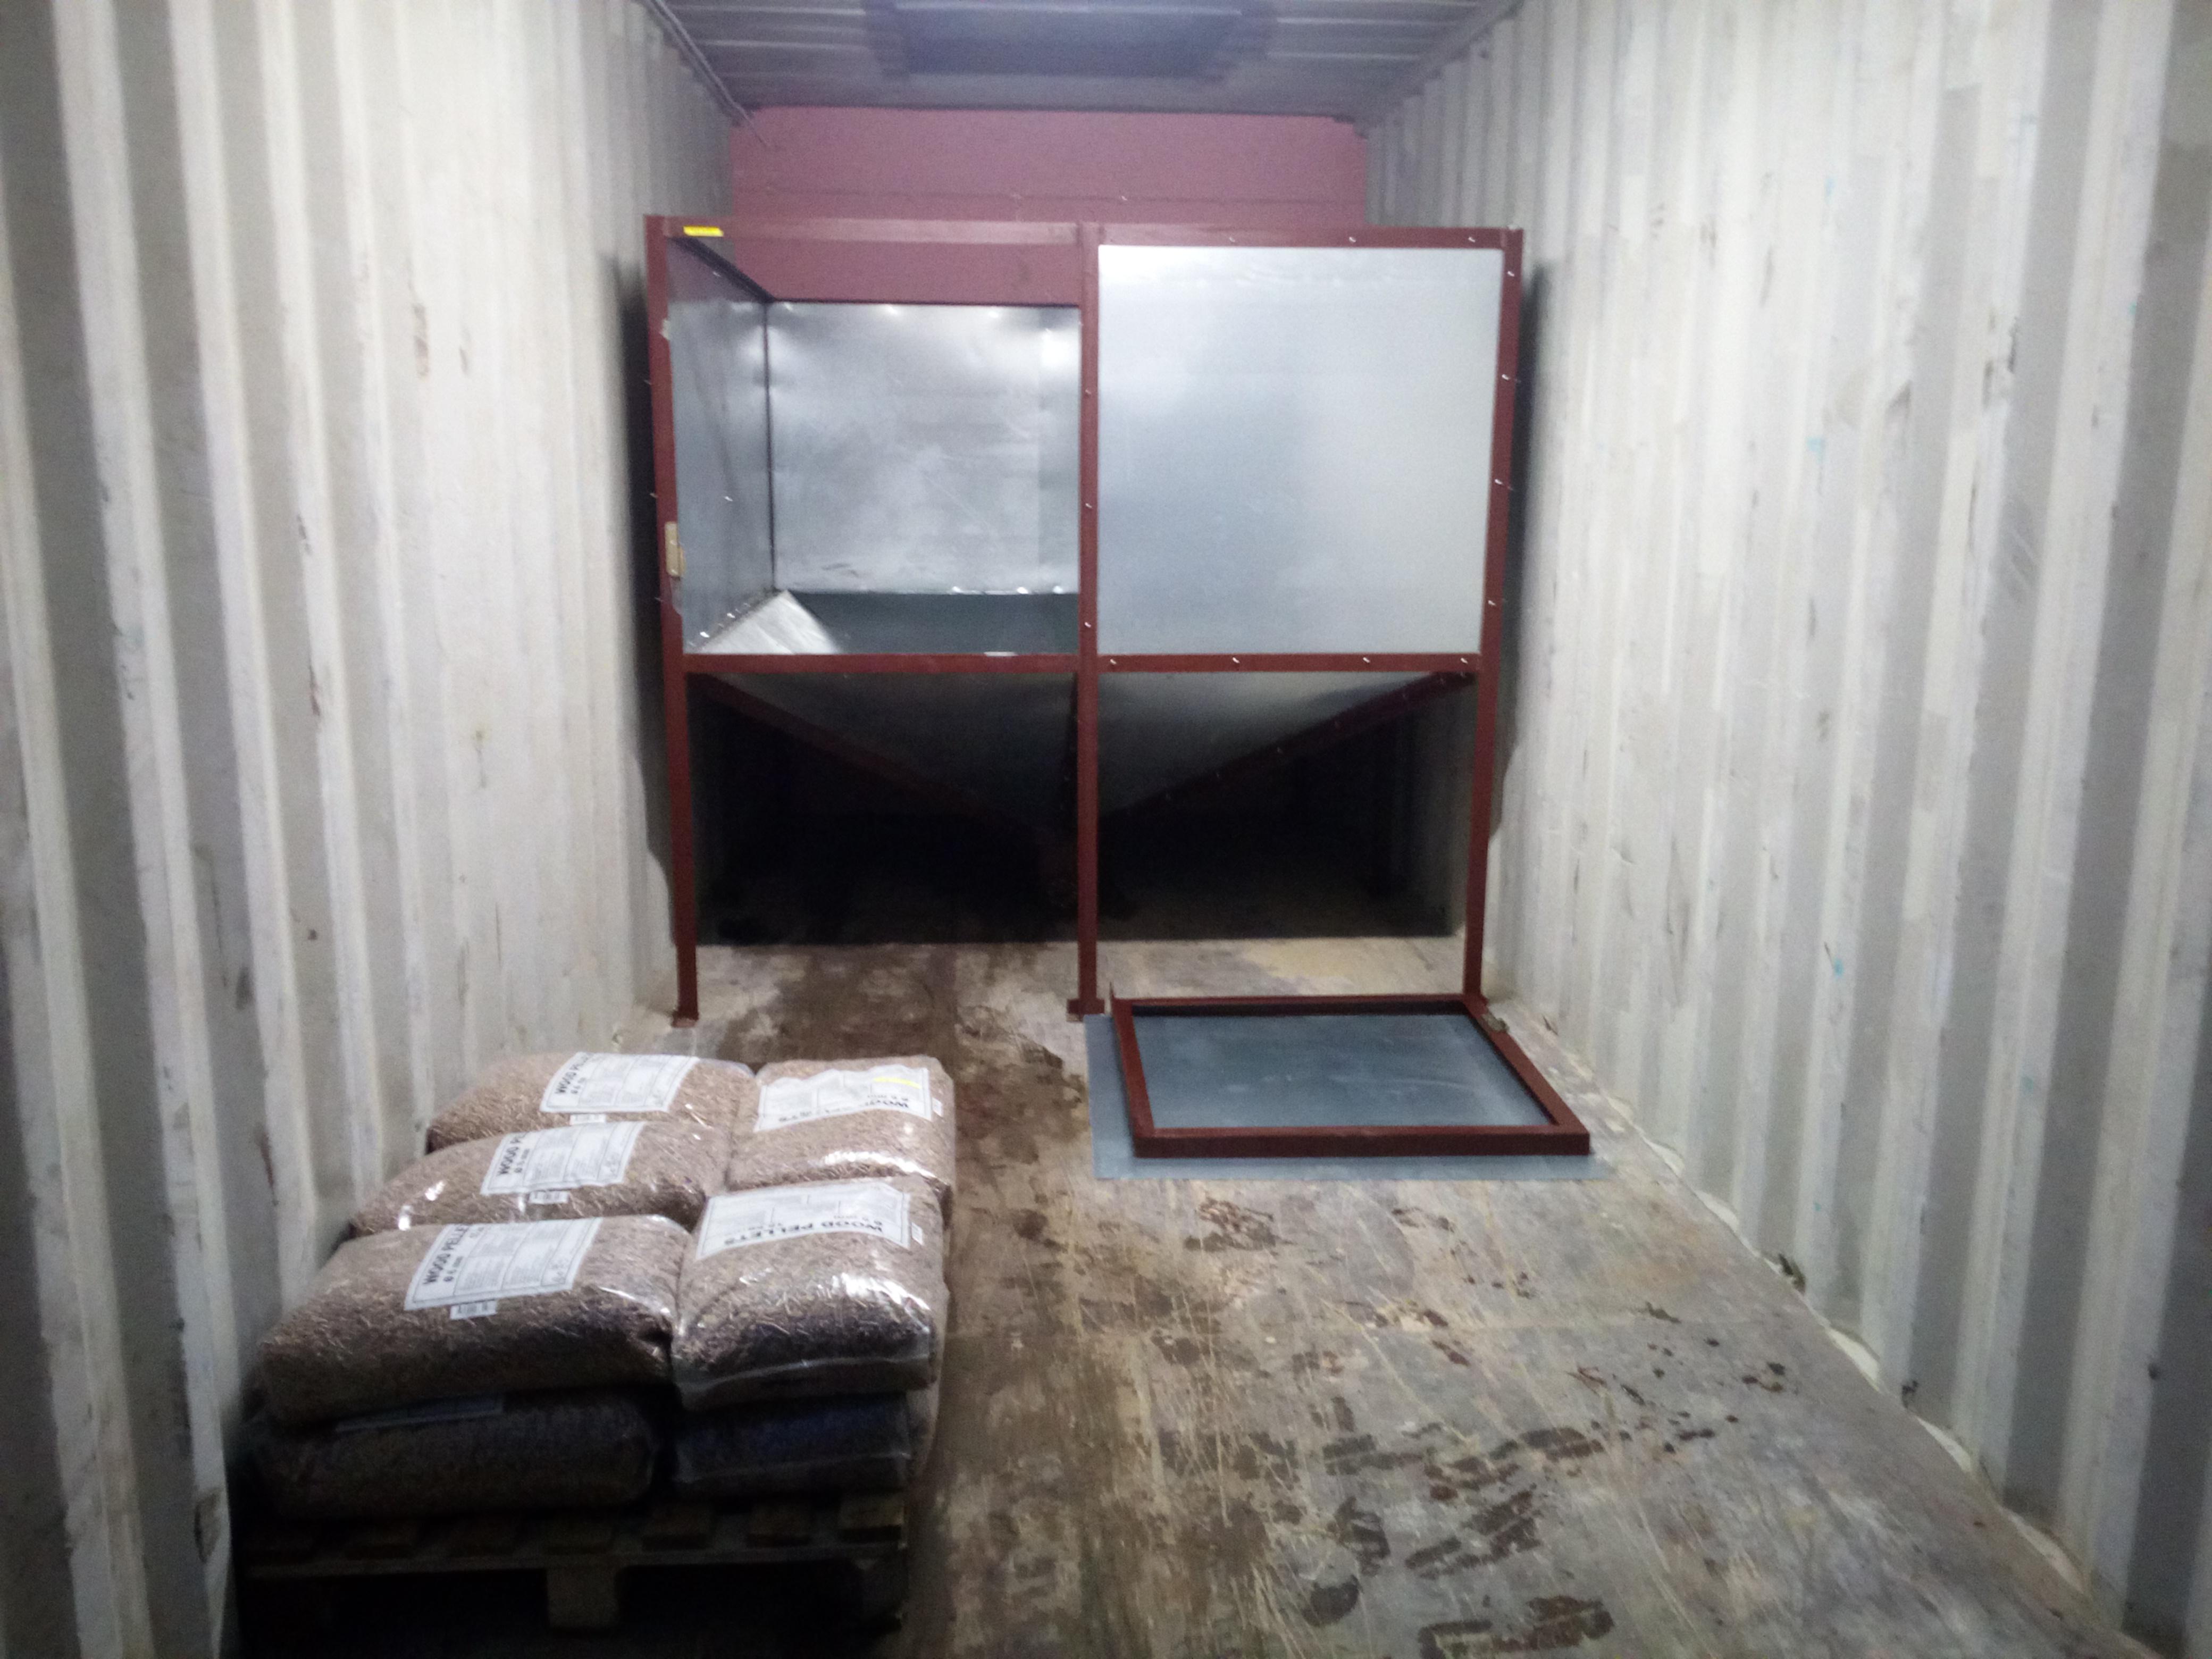 Granulių konteineris